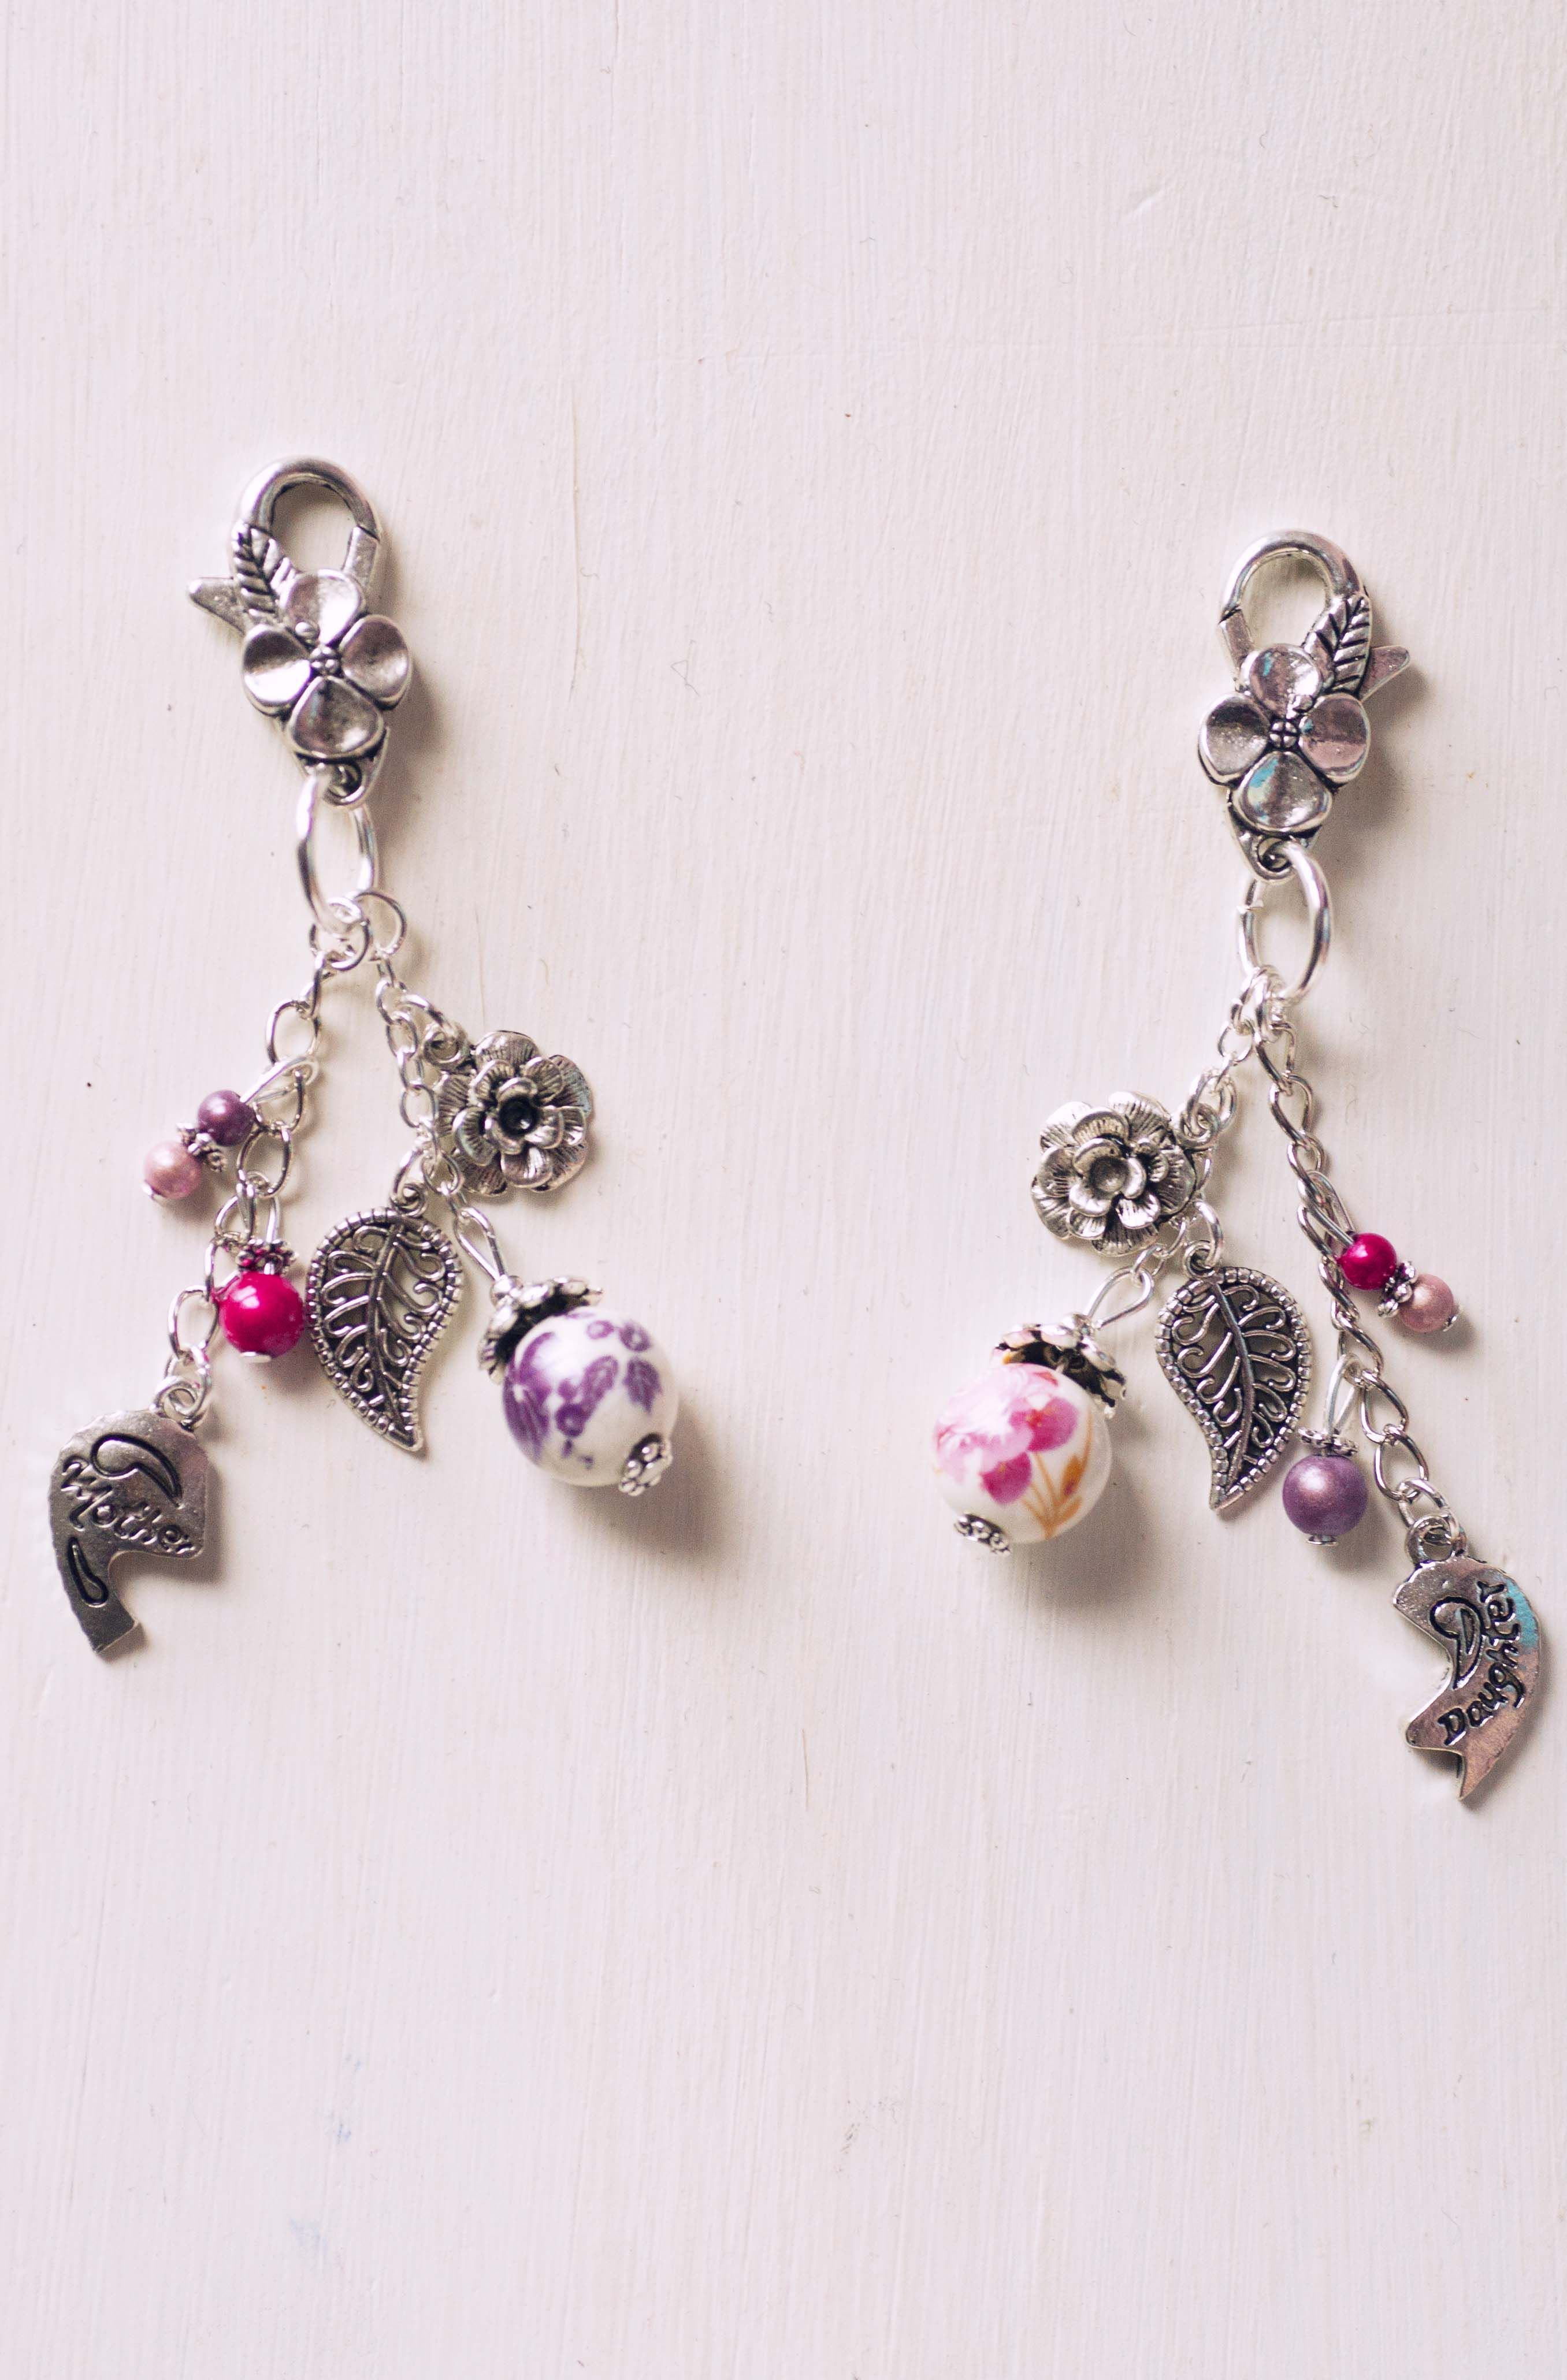 Duo de bijoux de sac / porte clés Fête des mères Mother/Daughter http://www.alittlemarket.com/autres-bijoux/fr_bijoux_de_sac_porte_cles_duo_fete_des_meres_-14361515.html